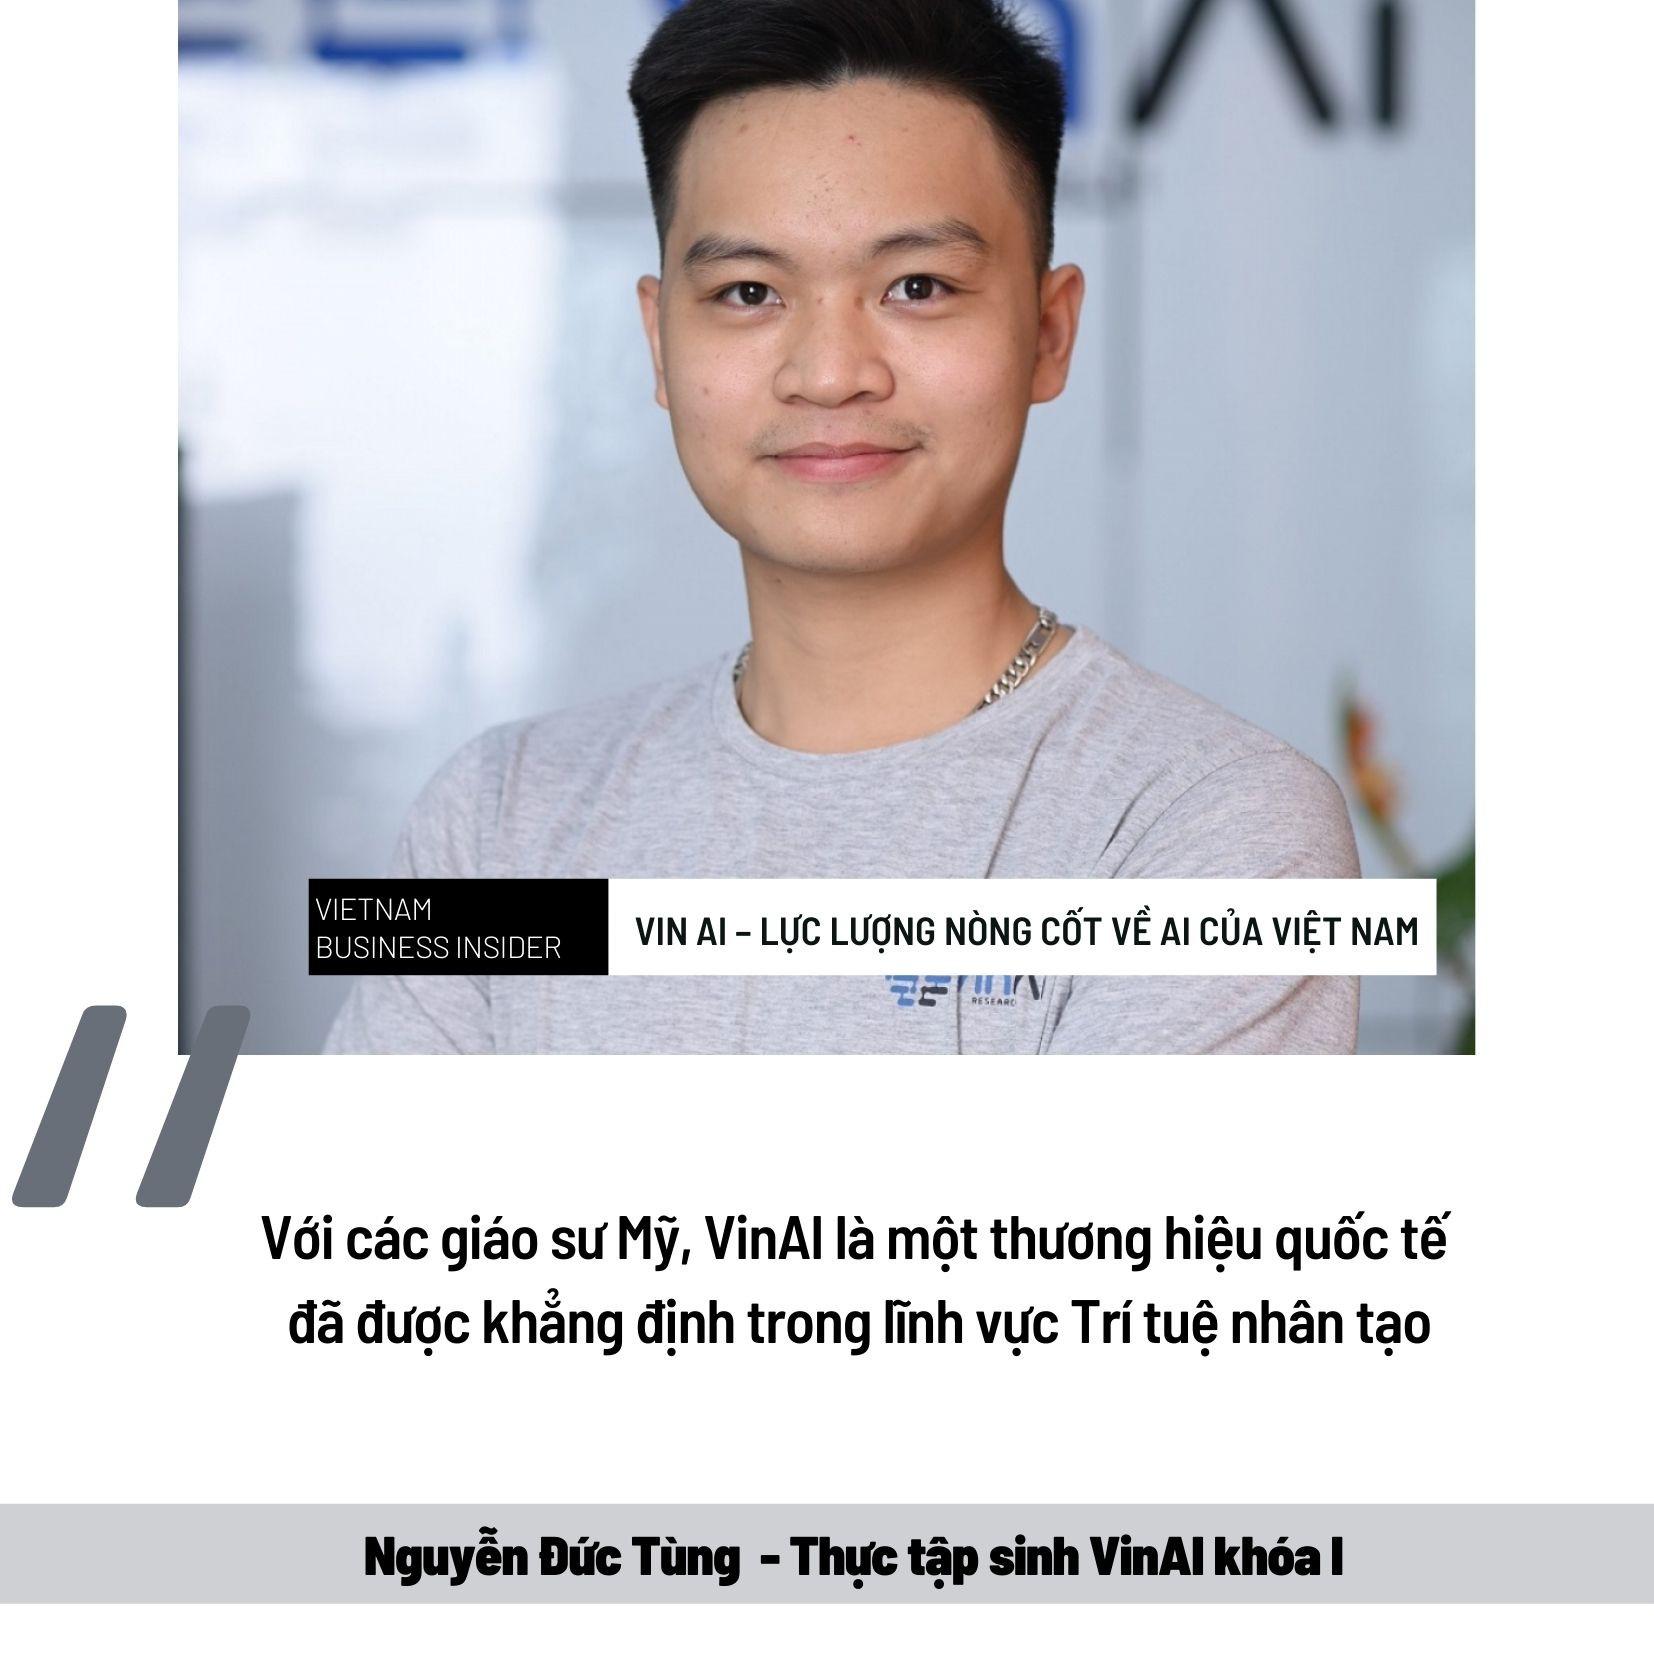 vietnambusinessinsider-18-1622362427.jpg